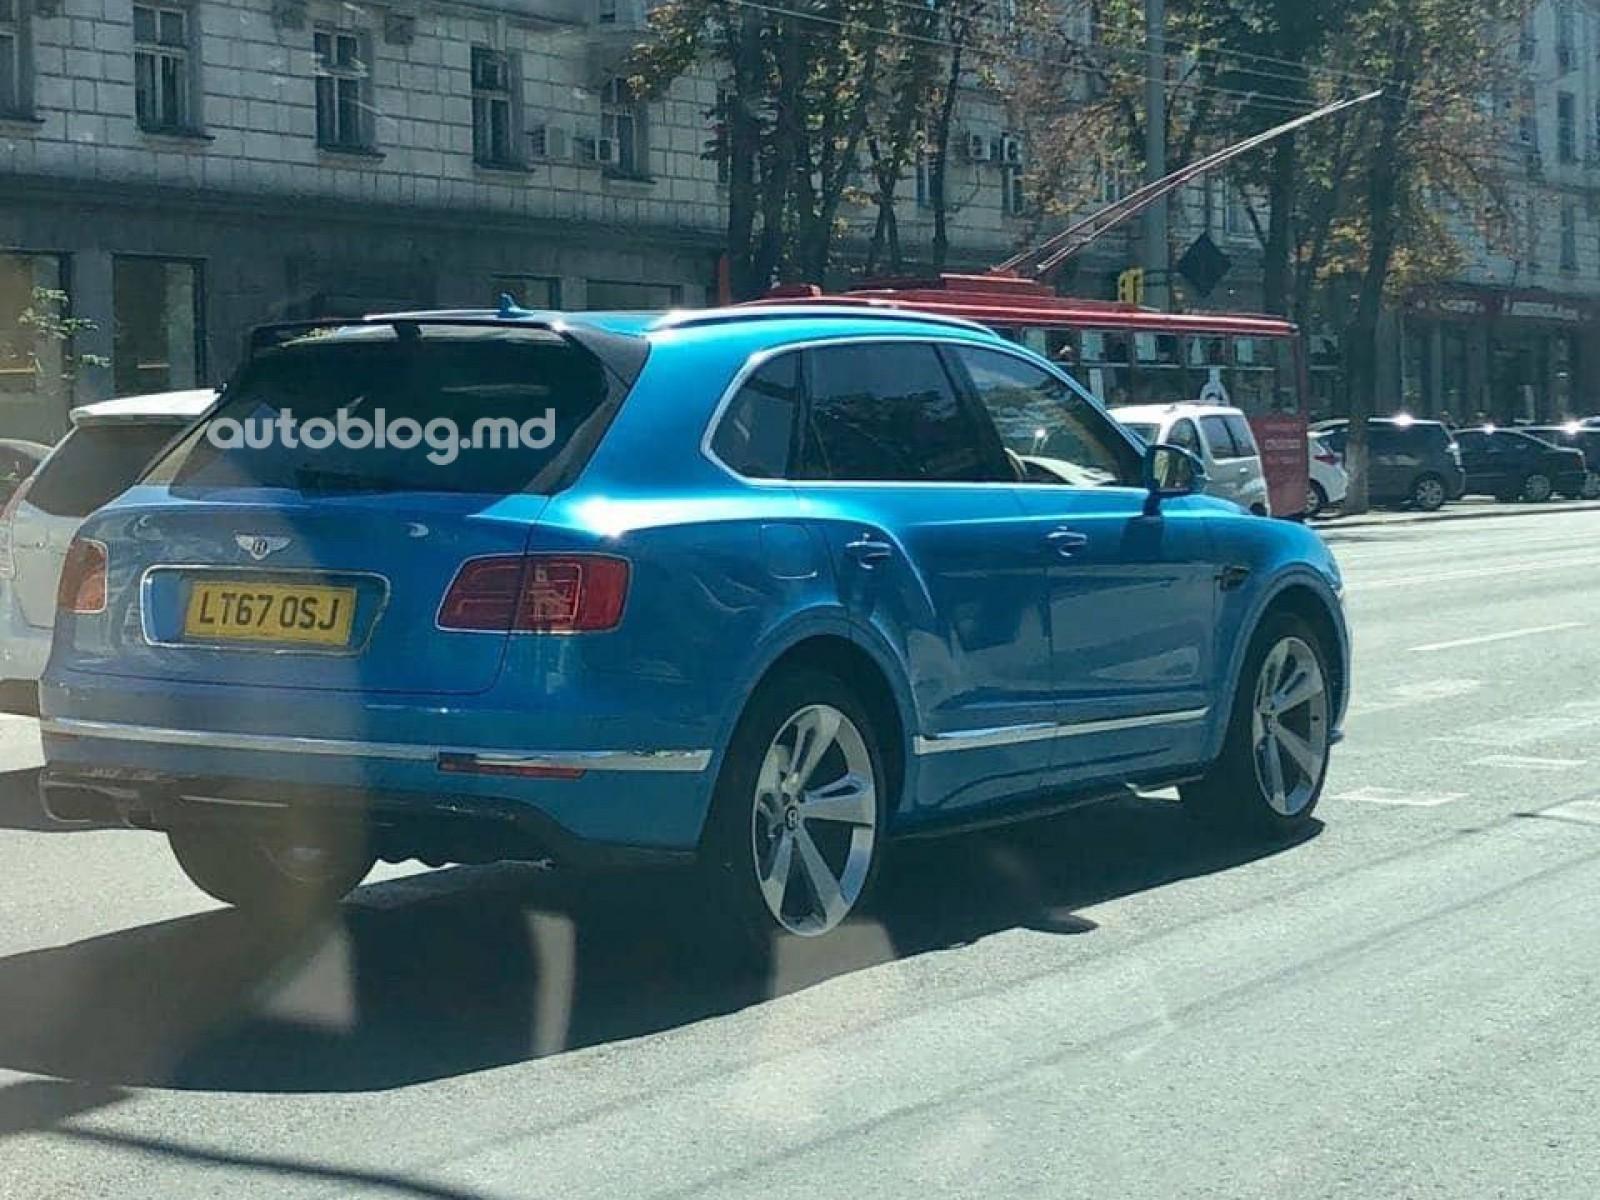 (foto) Chişinăul ştie să atragă maşini frumoase. A fost văzut încă un Bentley Bentayga într-o culoare specială